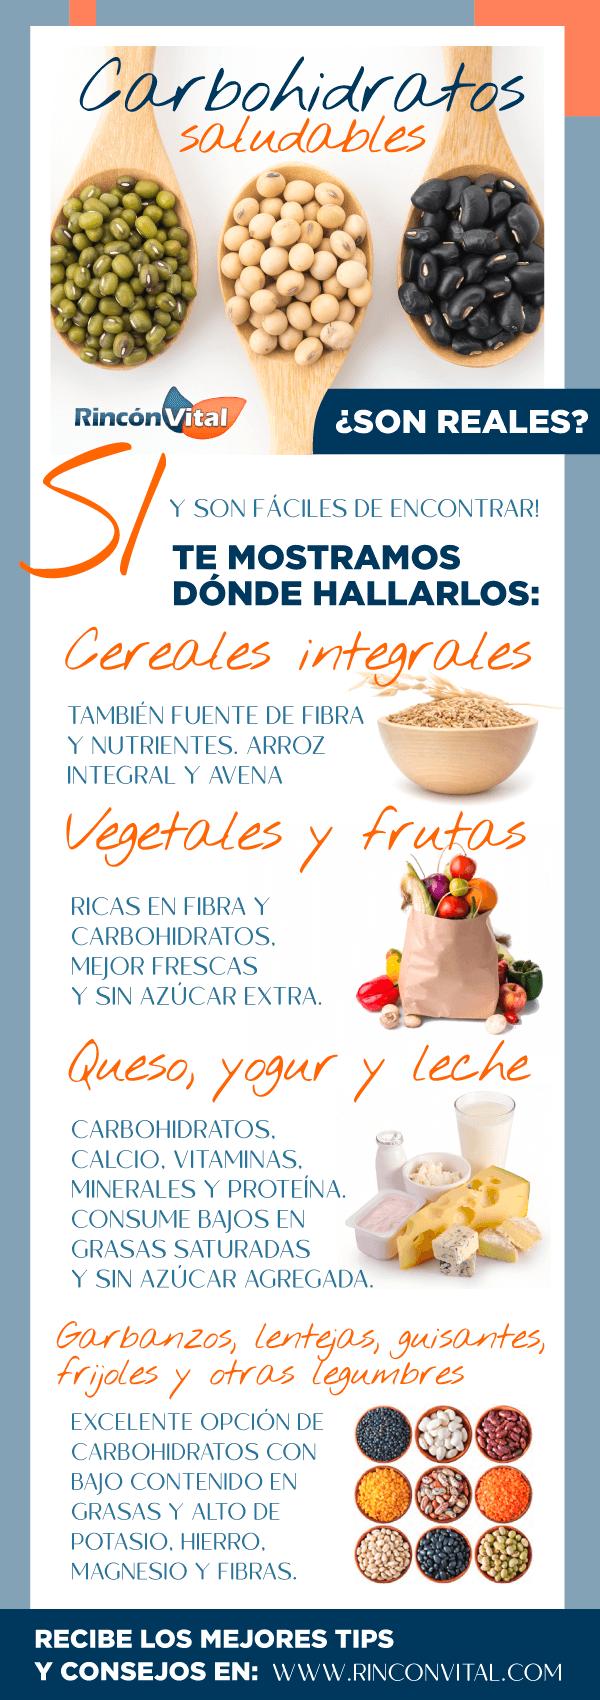 Conoce y sacale el beneficio a los carbohidratos saludables